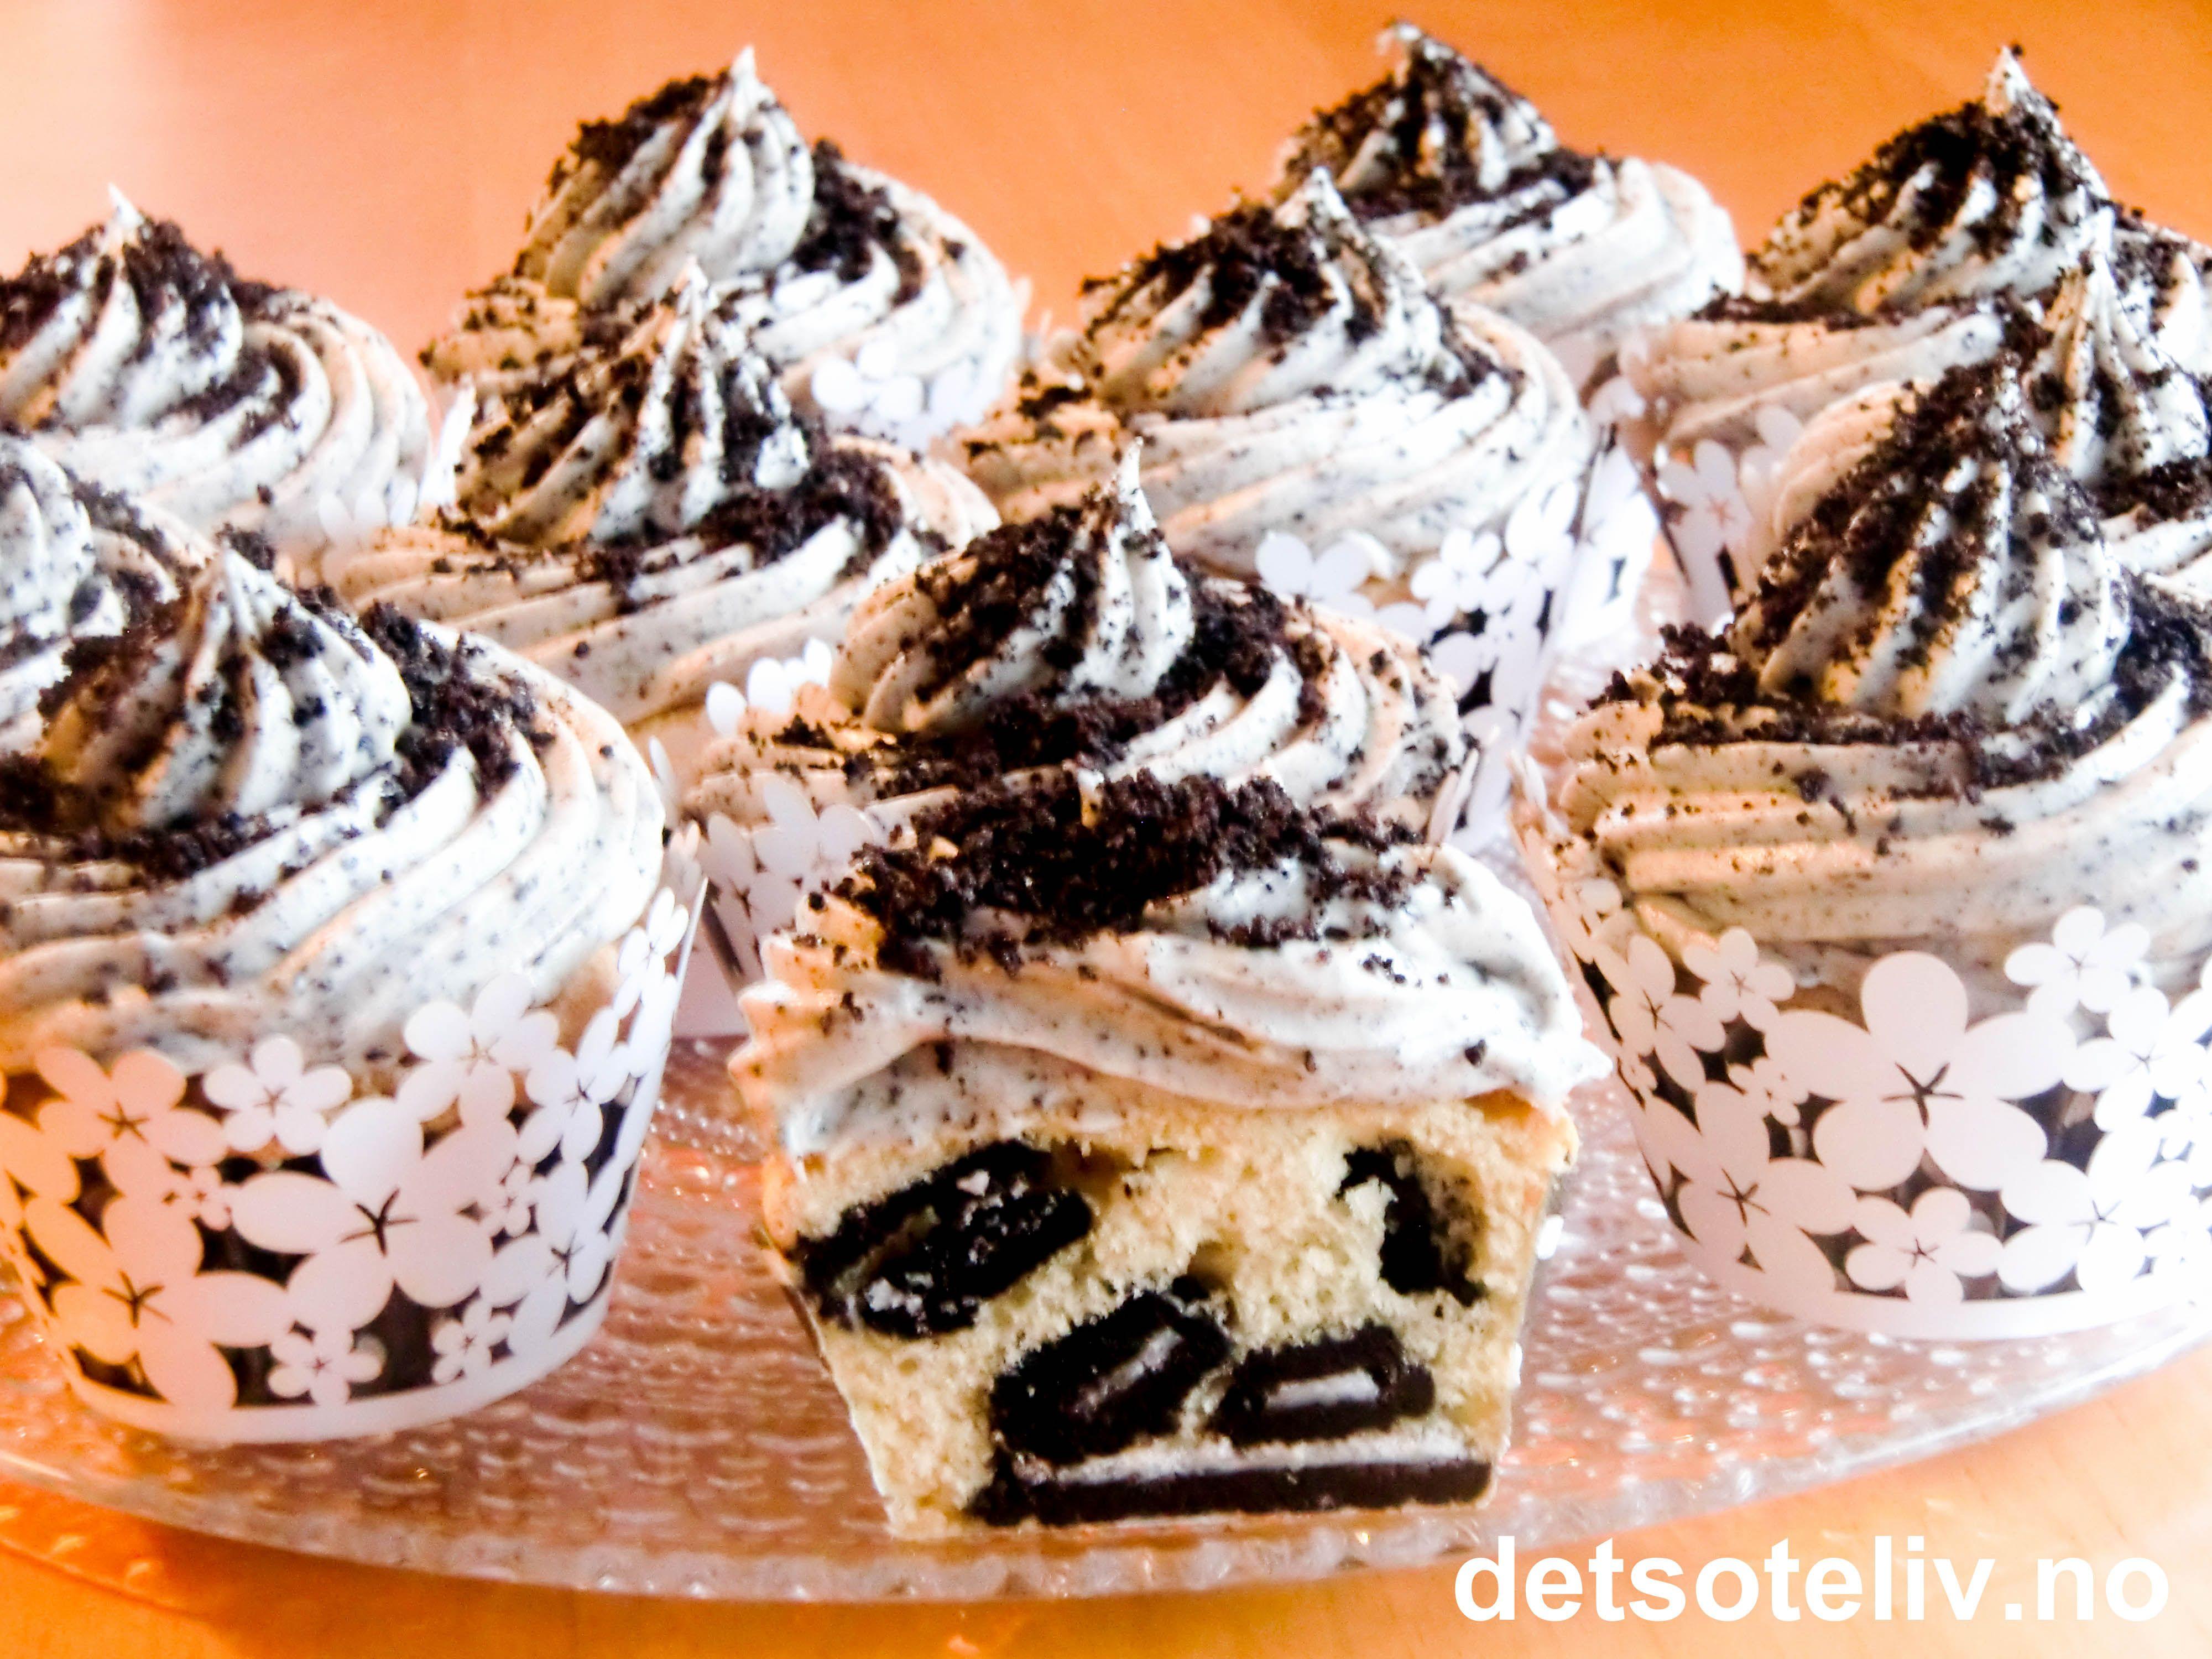 """Jeg har i det siste bakt mange helt utrolig deilige kaker med Oreokjeks, og du vil få se dem her på detsoteliv.no en etter en. Dette er en av de aller beste synes jeg! Supergode """"Oreo Cupcakes"""" som består av lyse muffins med vanilje og hakkede Oreokjeks, og som dekkes med nydelig frosting laget av ostekrem og fint knuste Oreokjeks. Oppskriften gir 24 stk garantert kjempepopulære cupcakes!"""